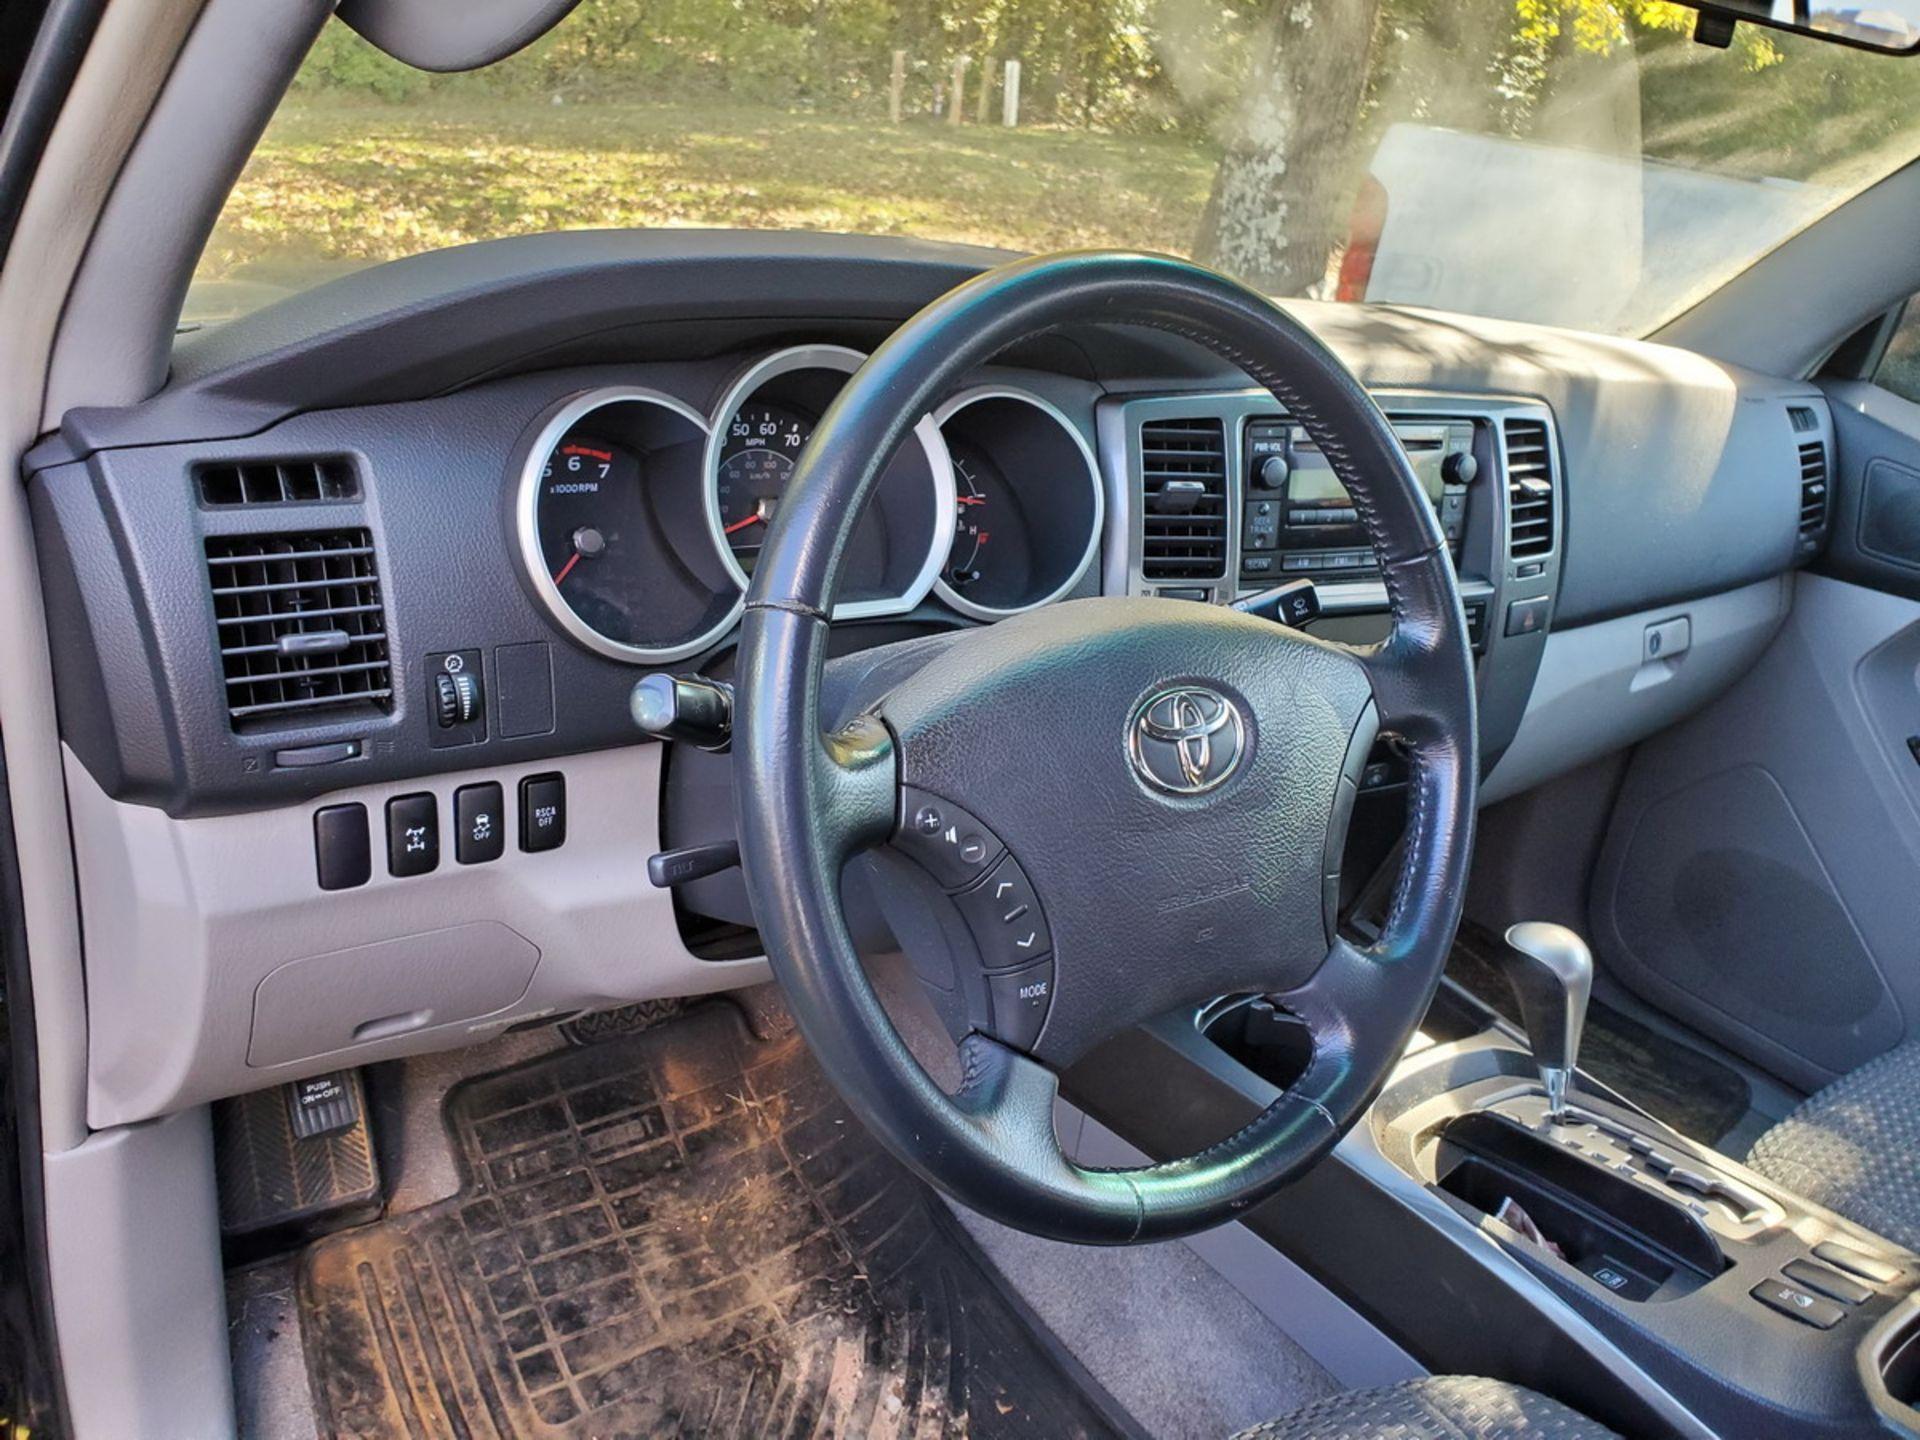 2008 Toyota 4Runner SUV Vehicle - Image 6 of 12